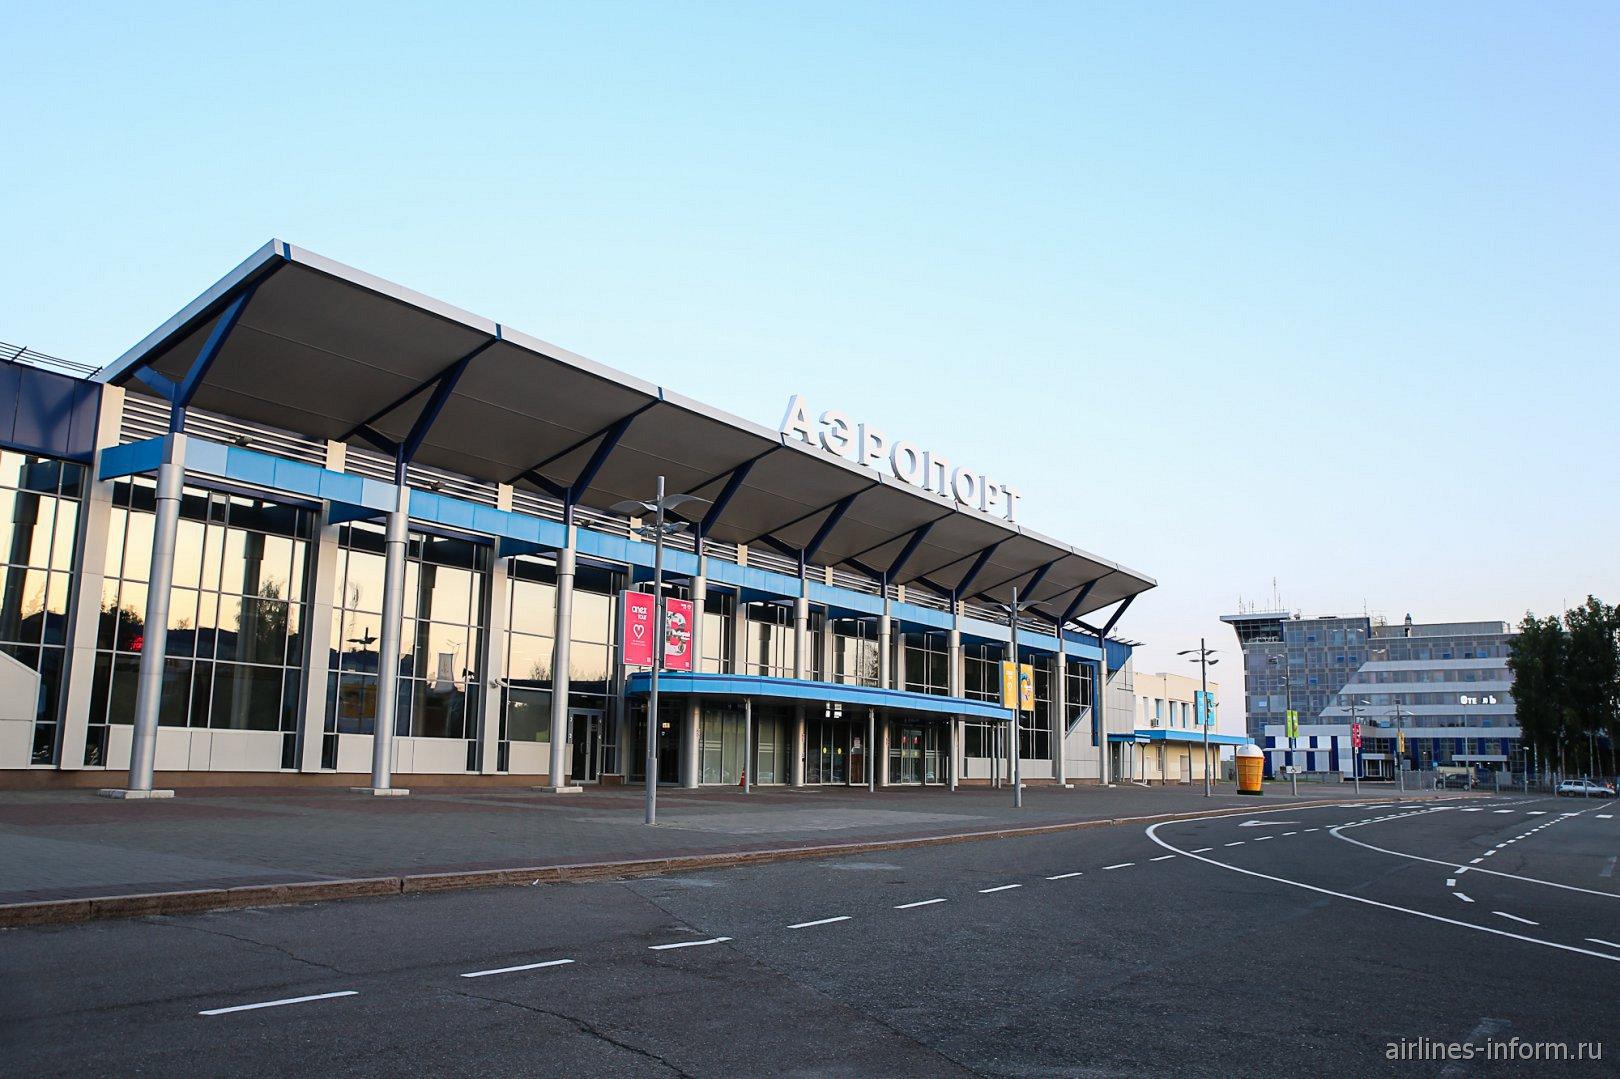 Вид на аэровокзал и диспетчерскую вышку аэропорта Томск со стороны привокзальной площади